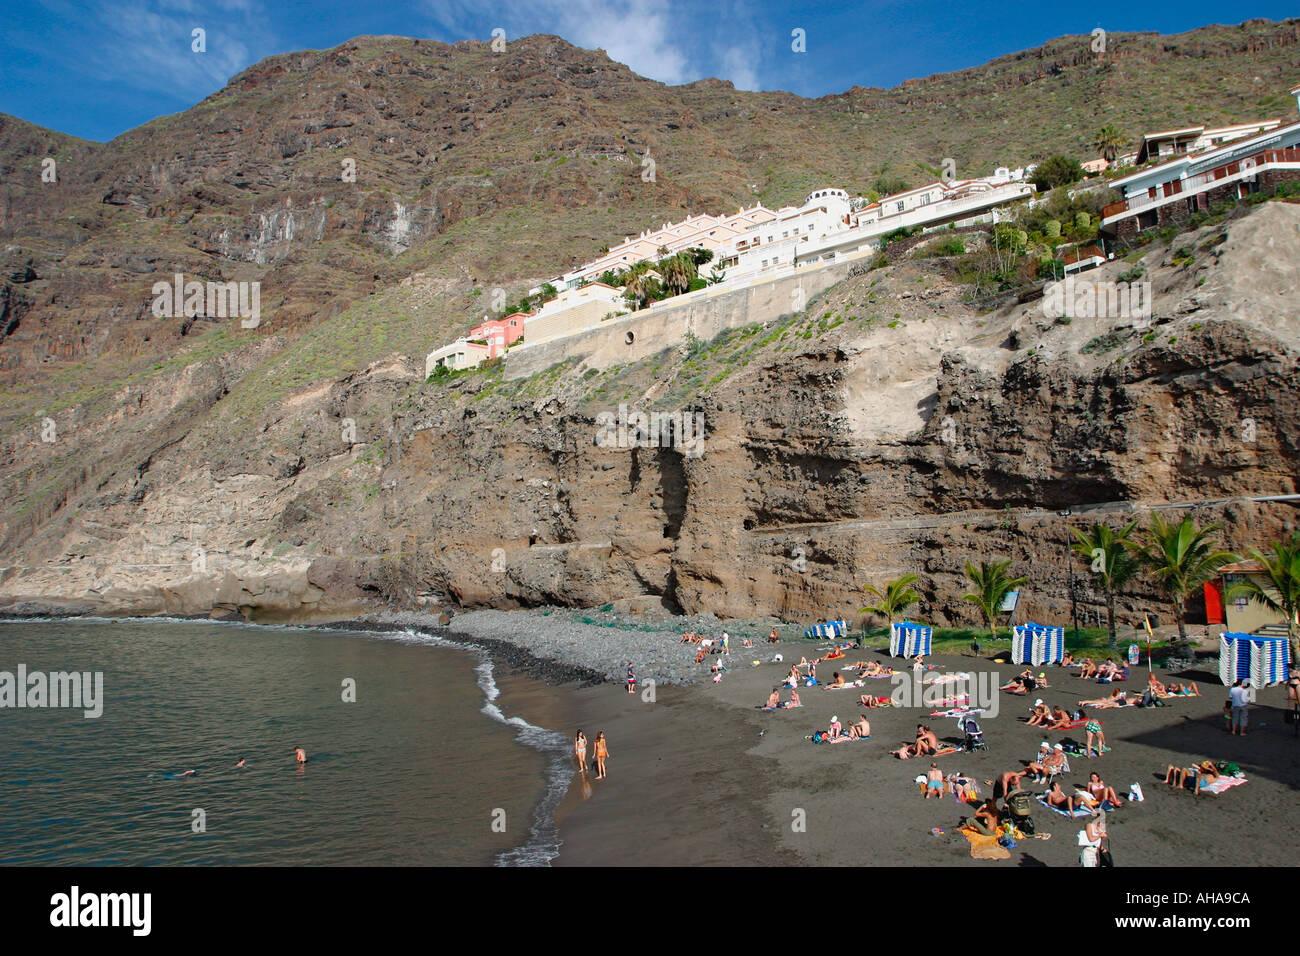 Los gigantes beach puerto de santiago tenerife canary islands stock photo royalty free image - Puerto santiago tenerife mapa ...